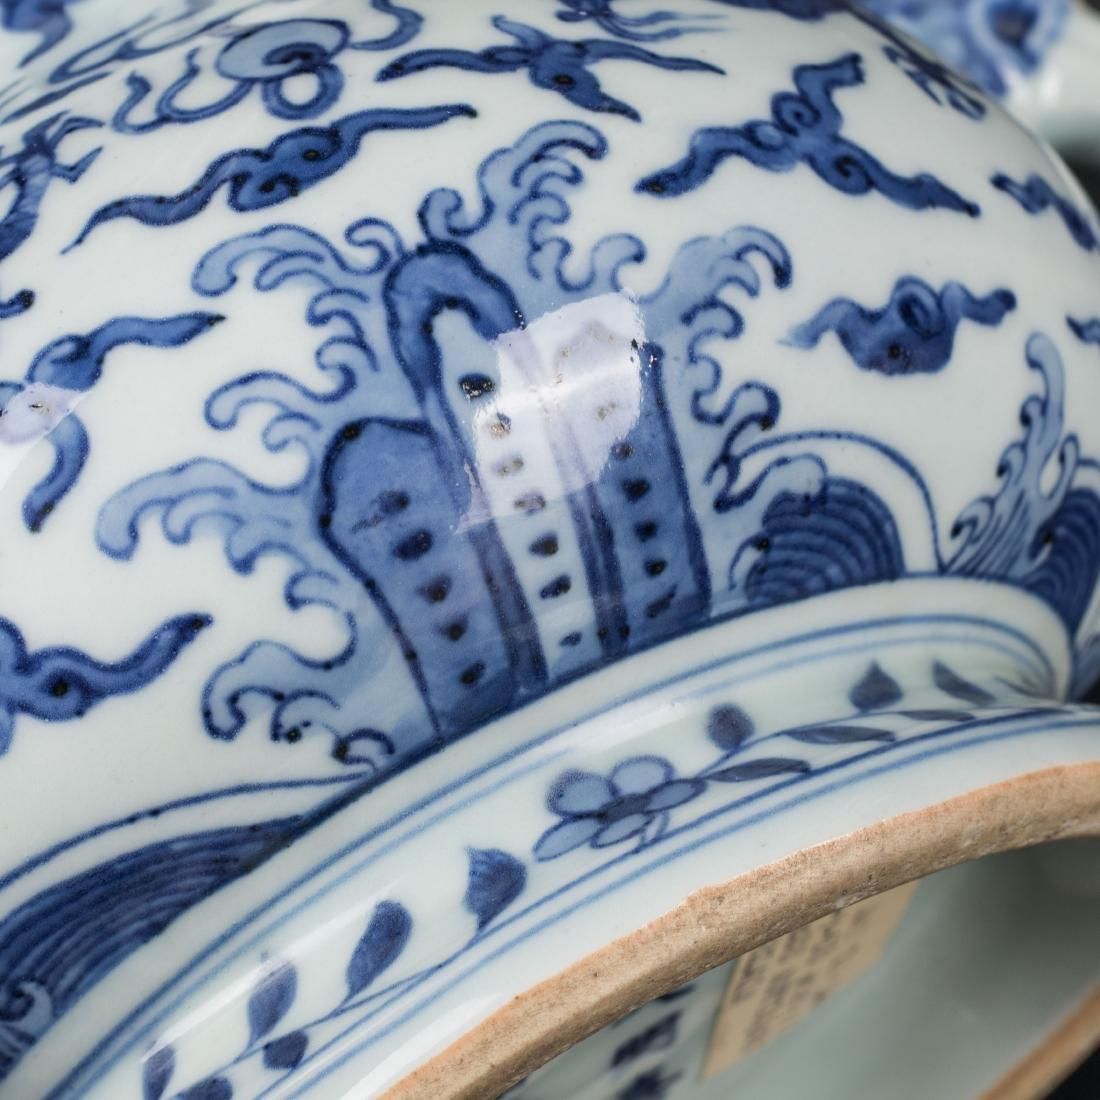 Jiajing Mark Antique Blue and White Censer - 8